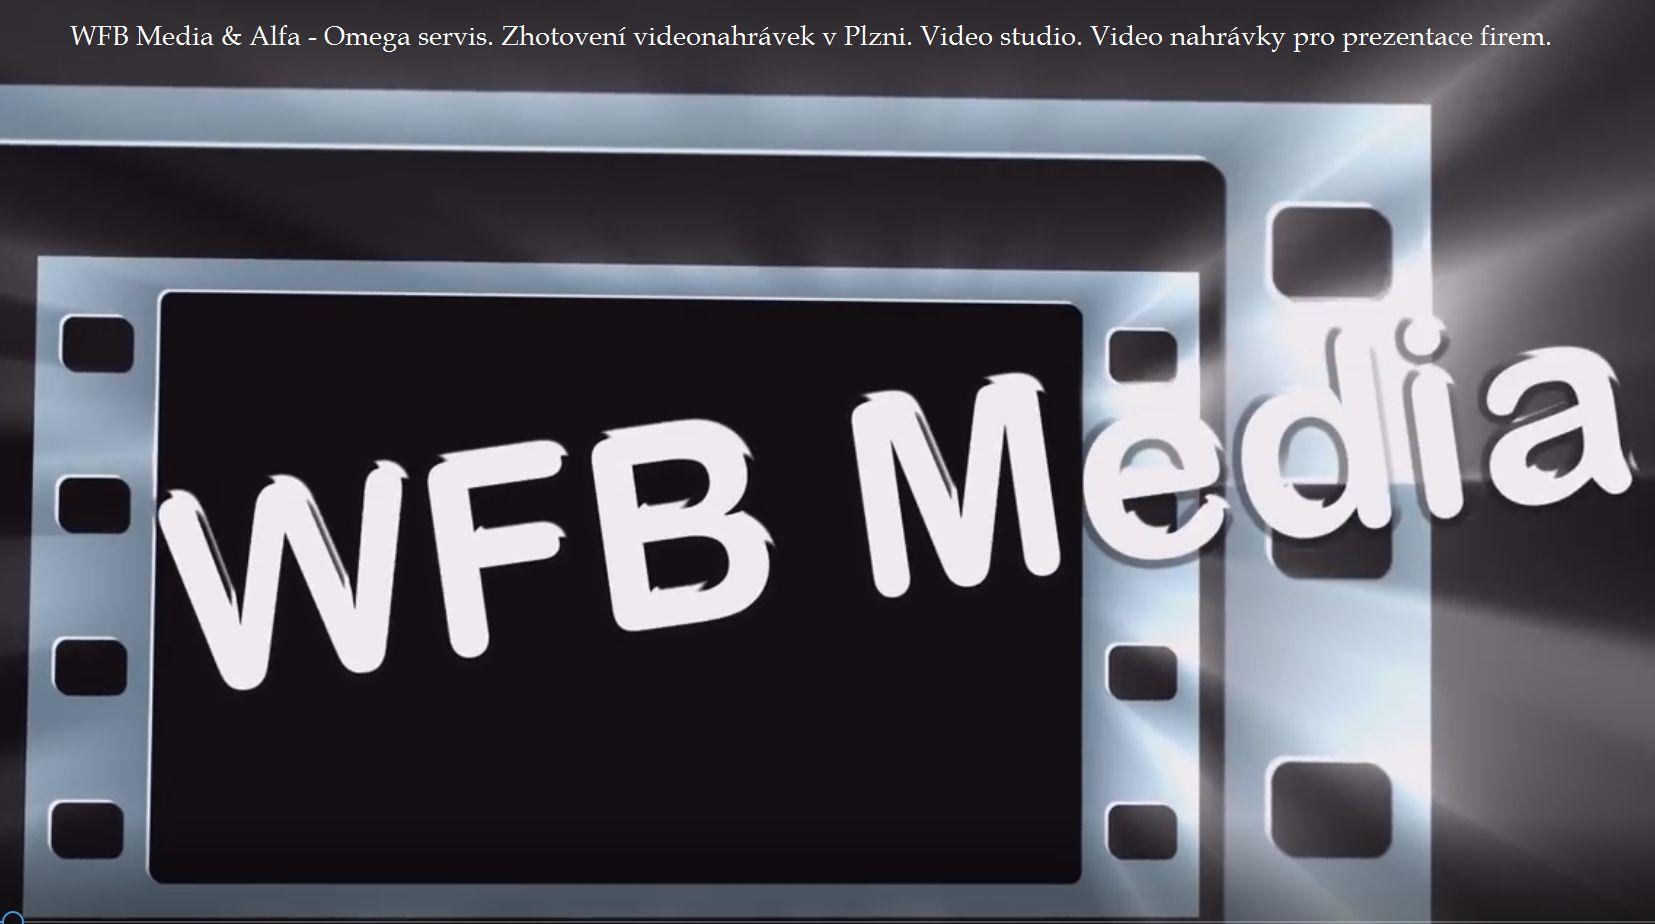 VideoProdukce v Plzni.